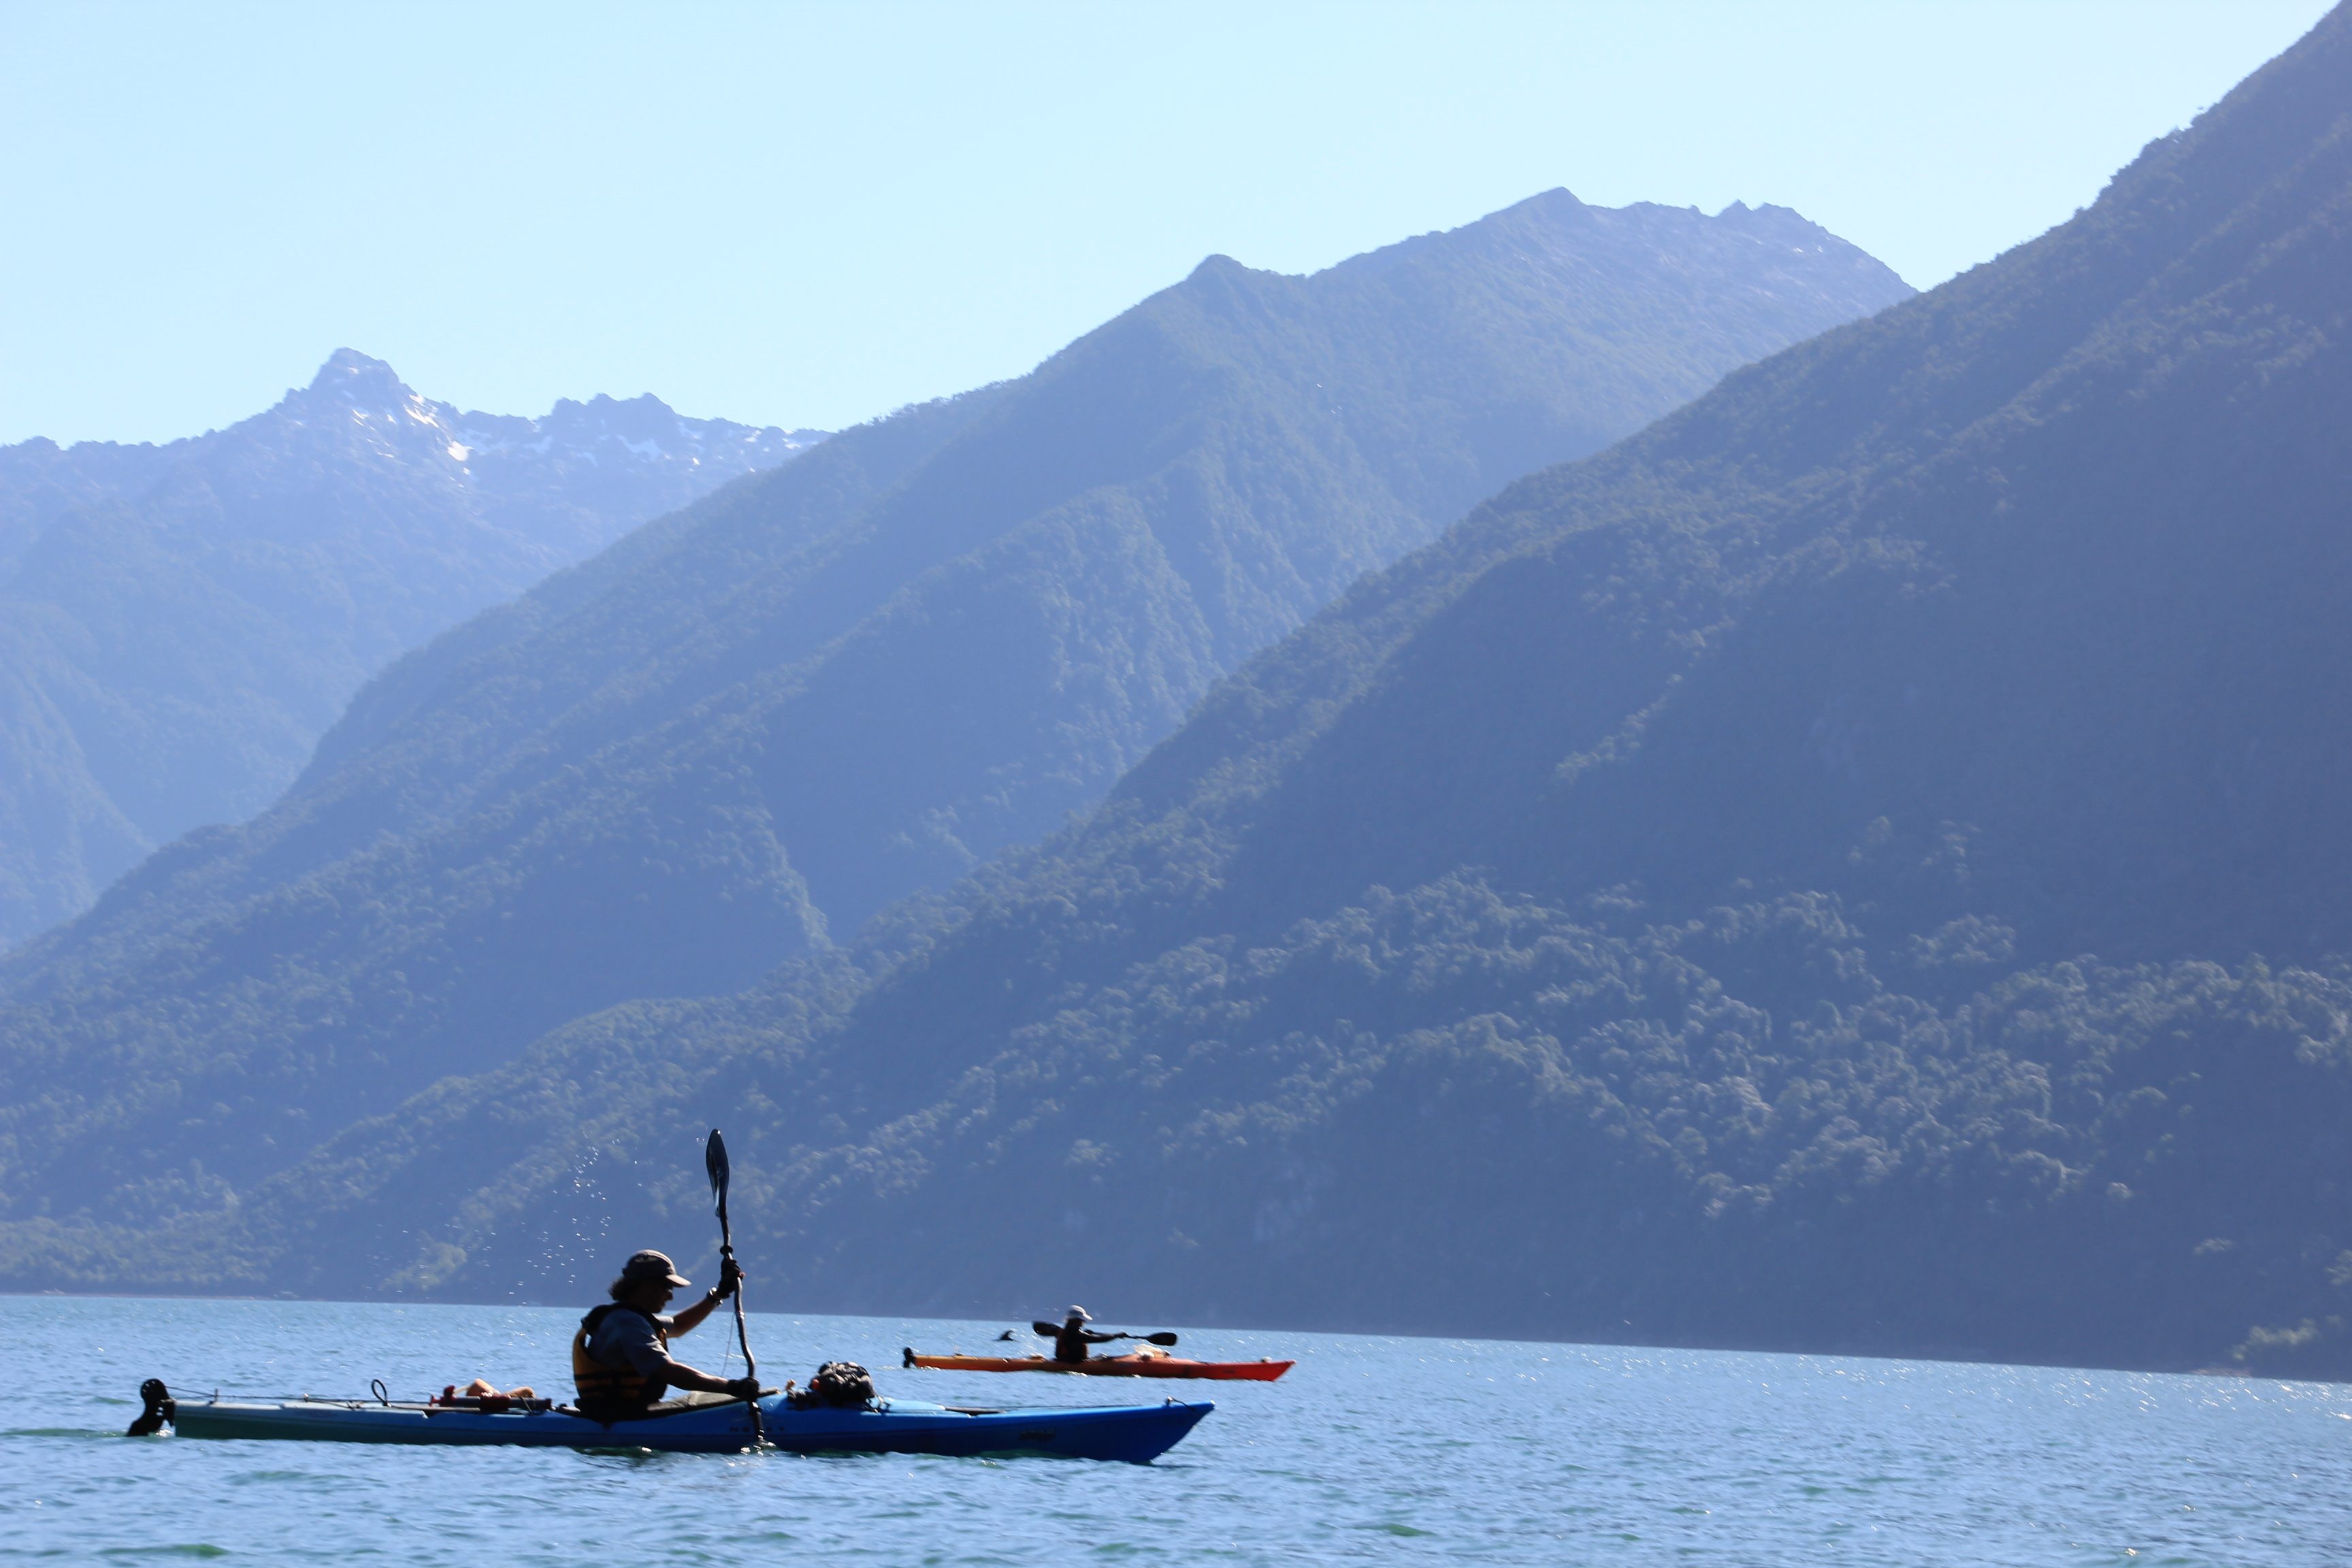 Kayak Pumalin Park Tourism Patagonia Chile